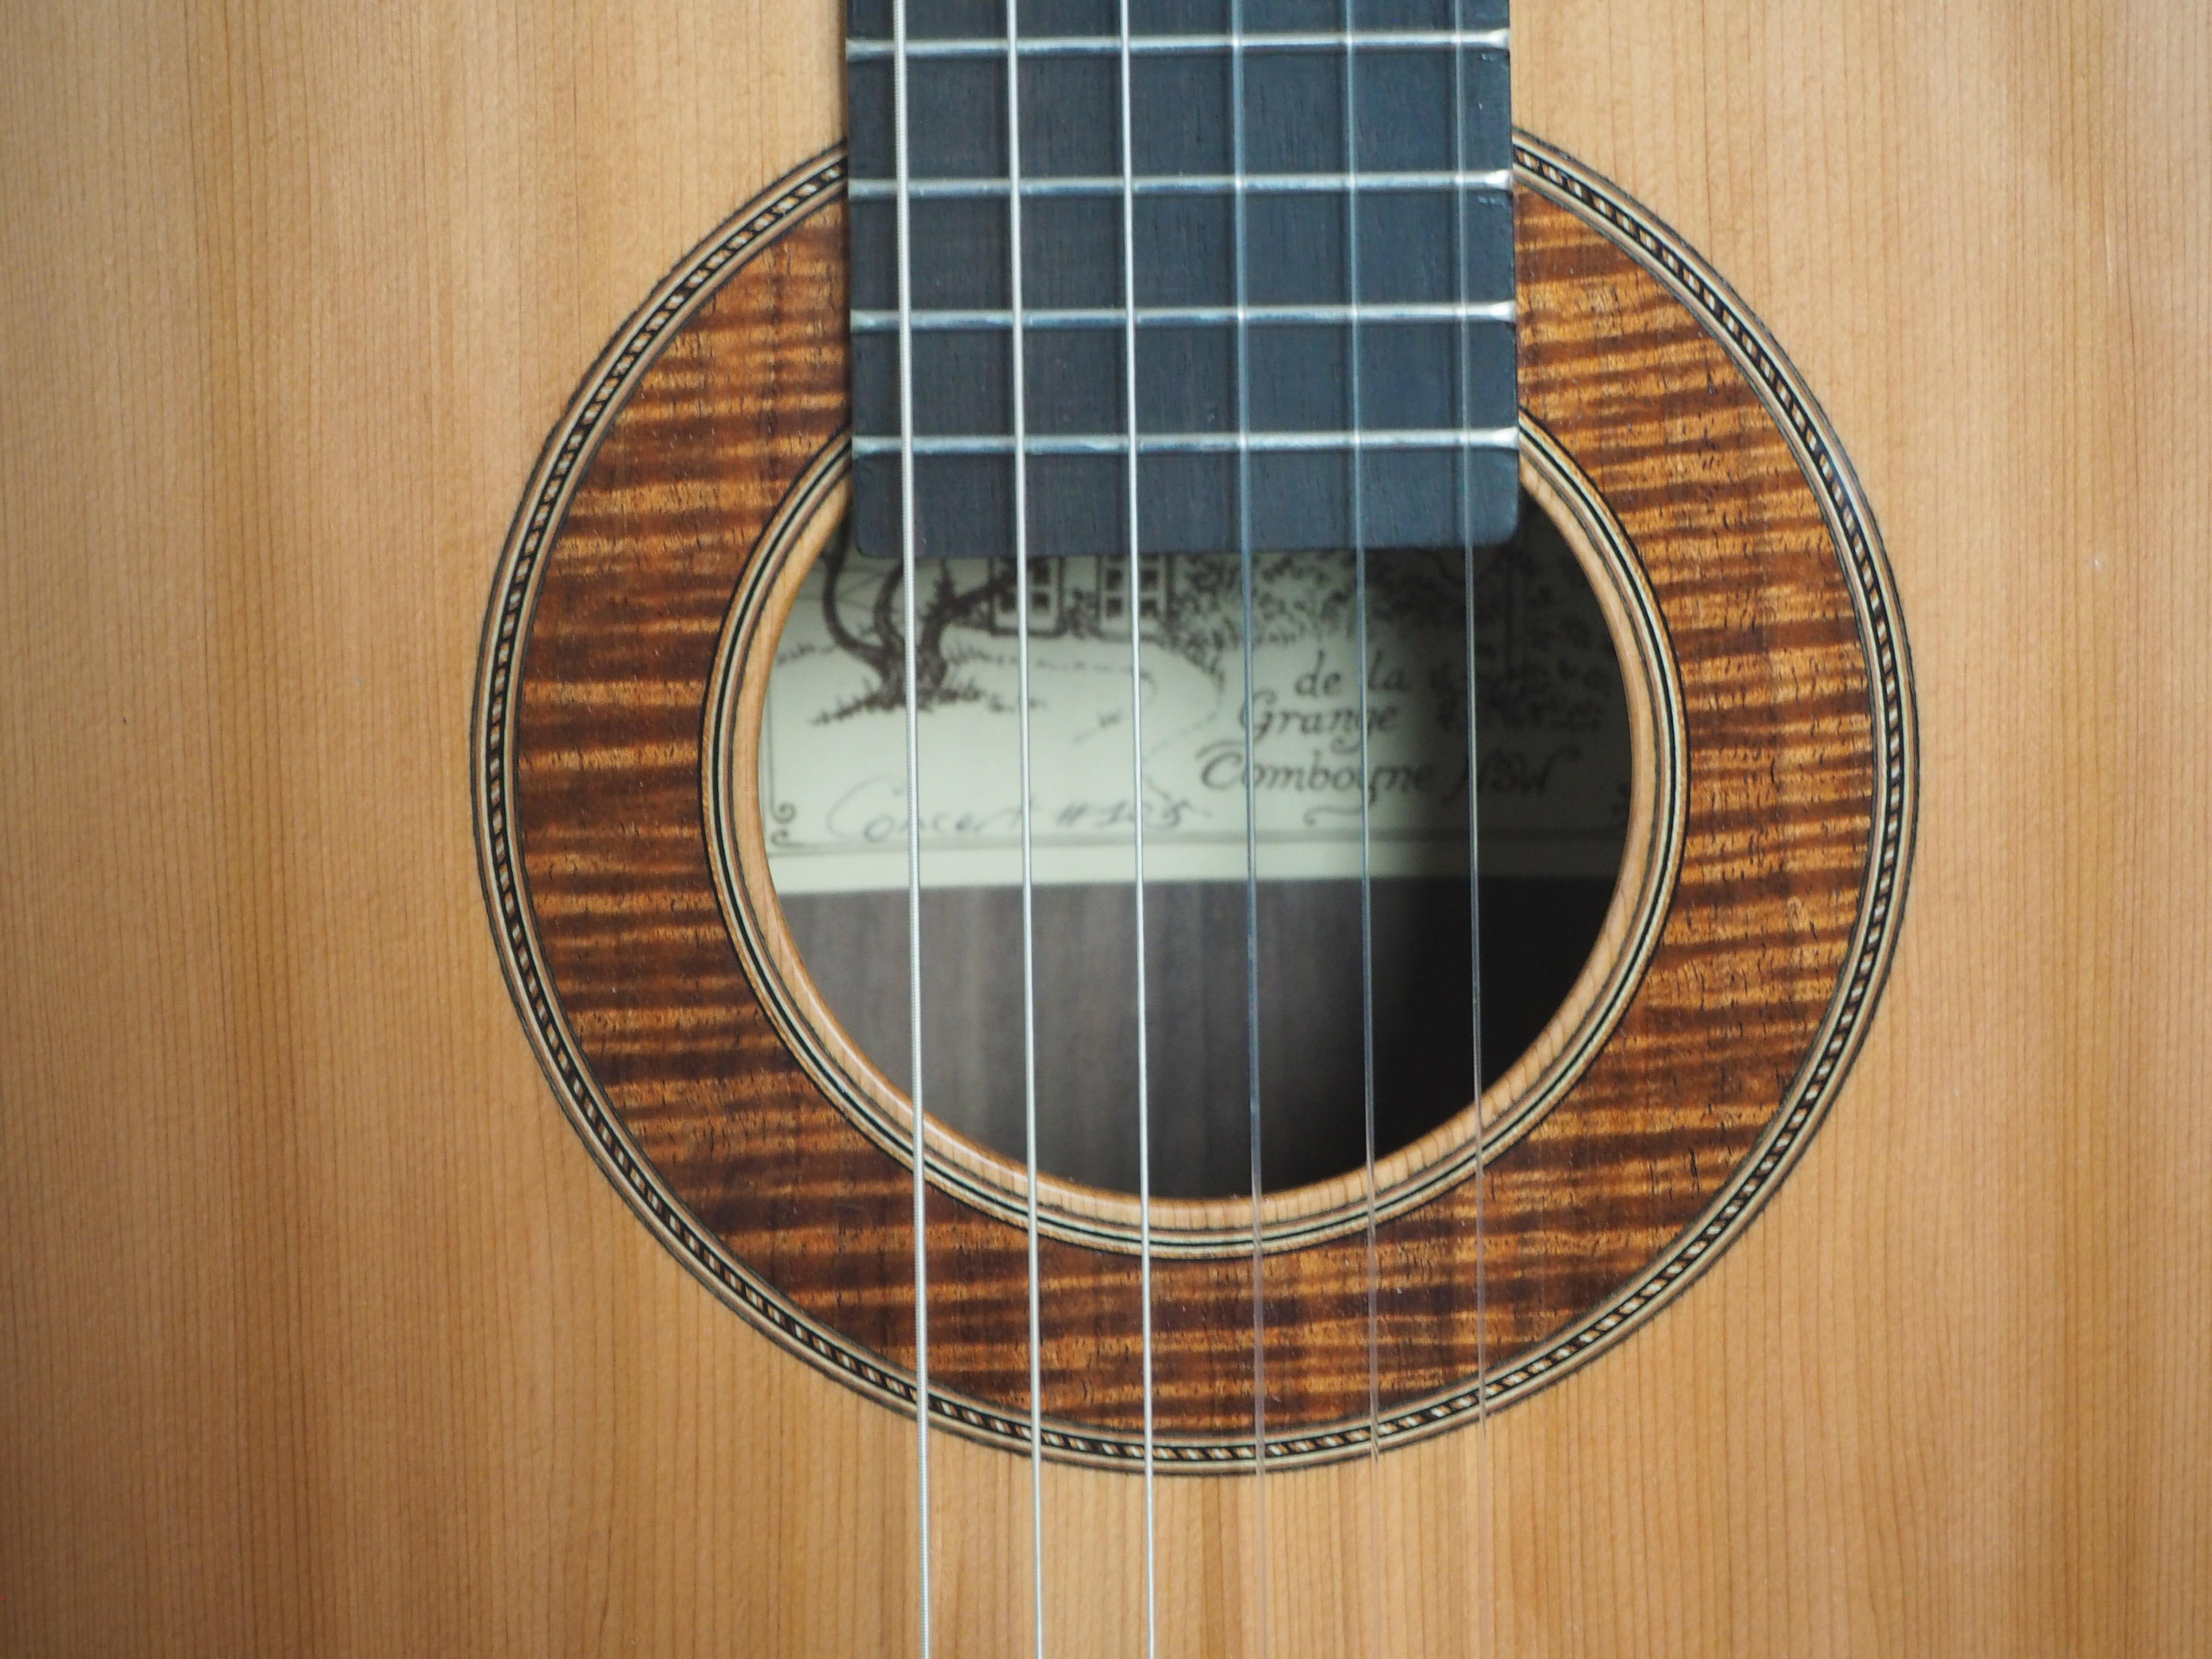 guitare classique du luthier Graham Caldersmith n°101 modèle concert